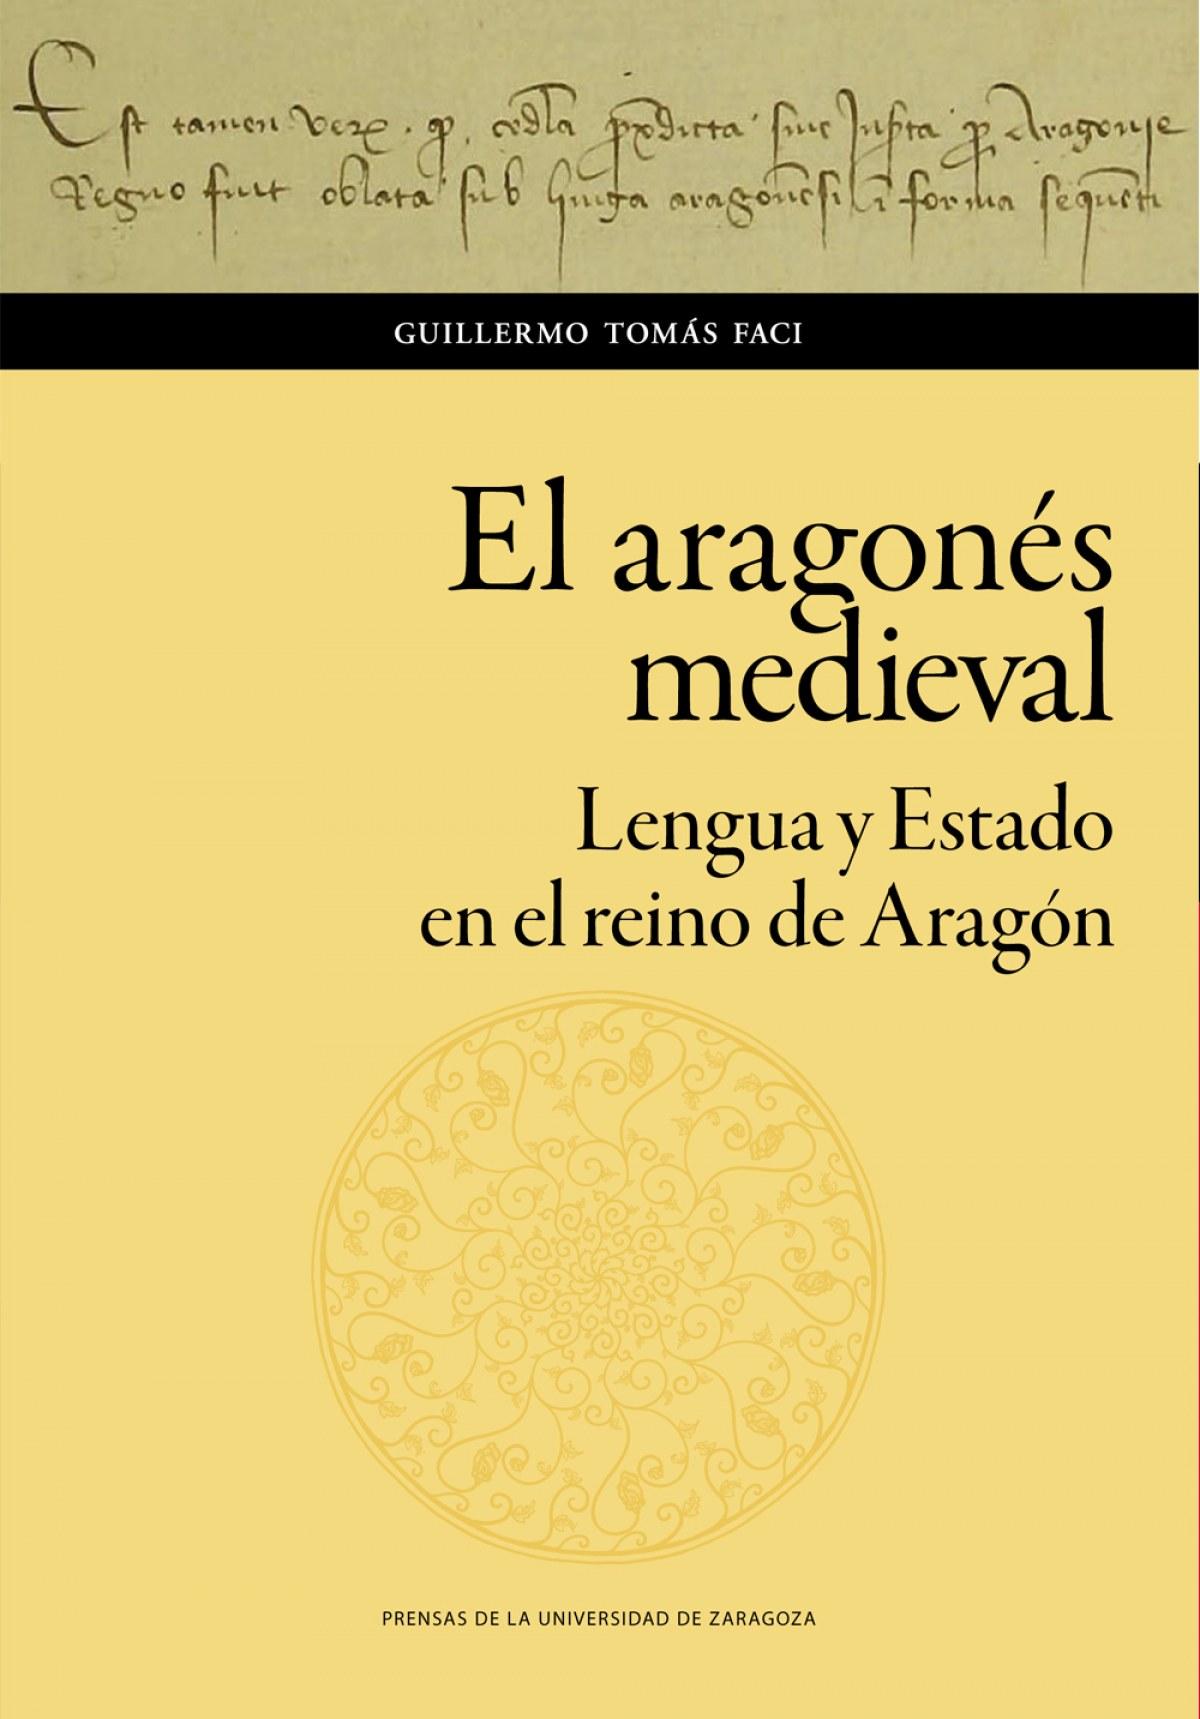 El aragonés medieval. Lengua y Estado en el reino de Aragón 9788413400563